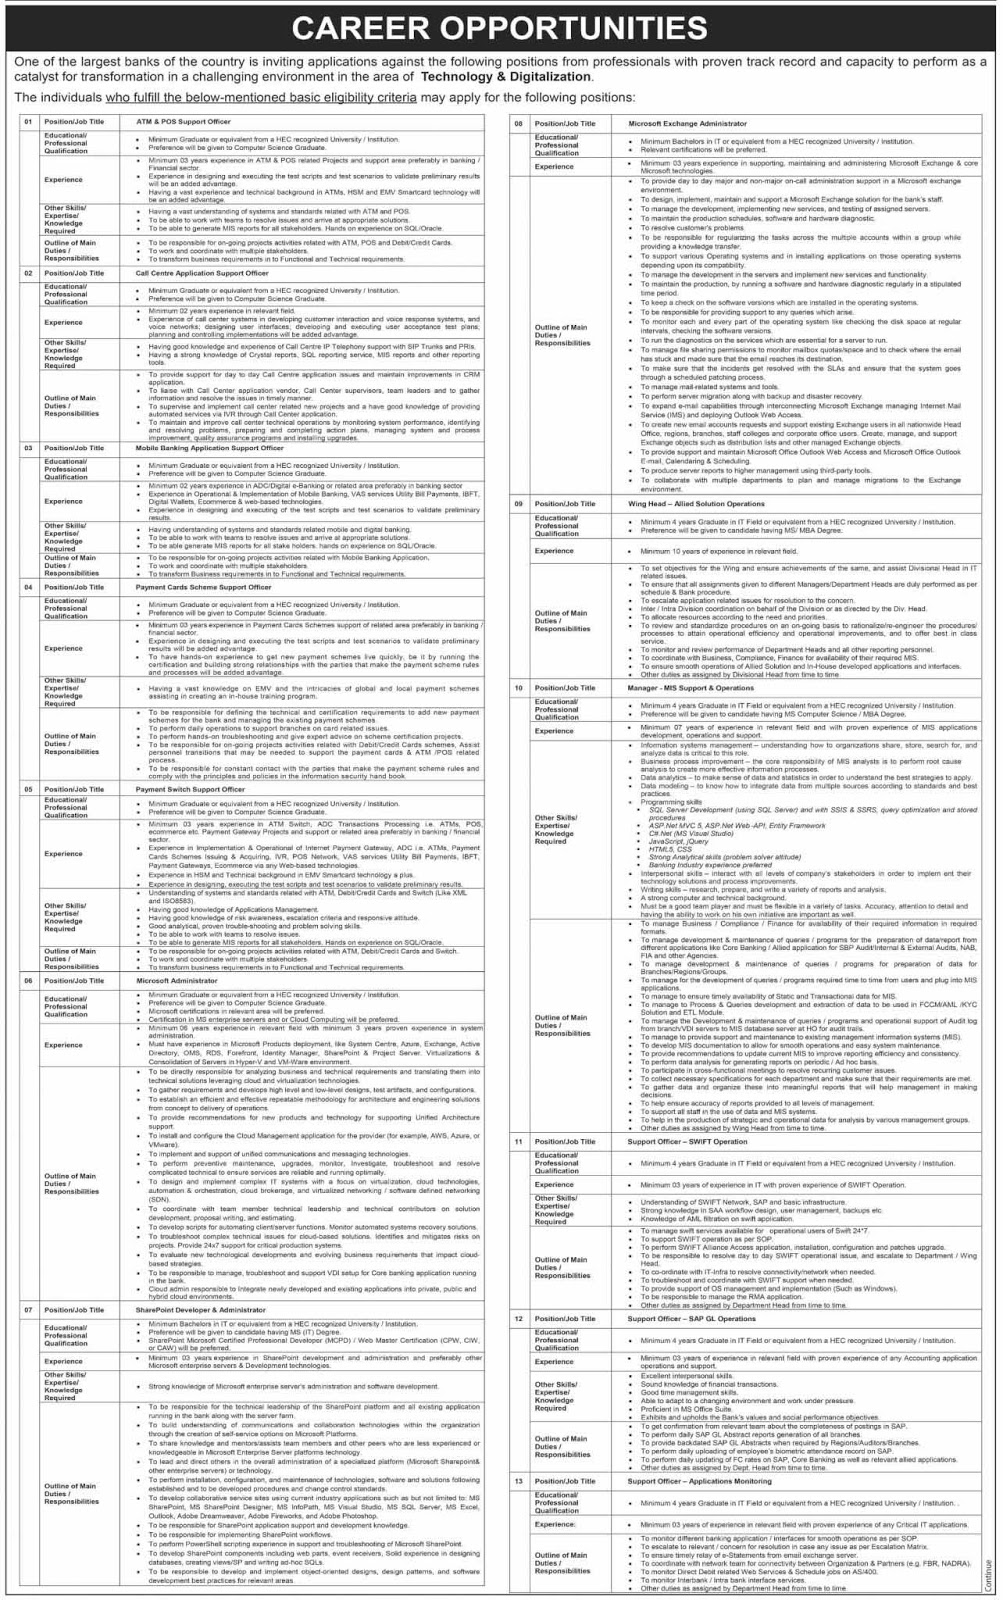 National Bank of Pakistan (NBP) Jobs 2020